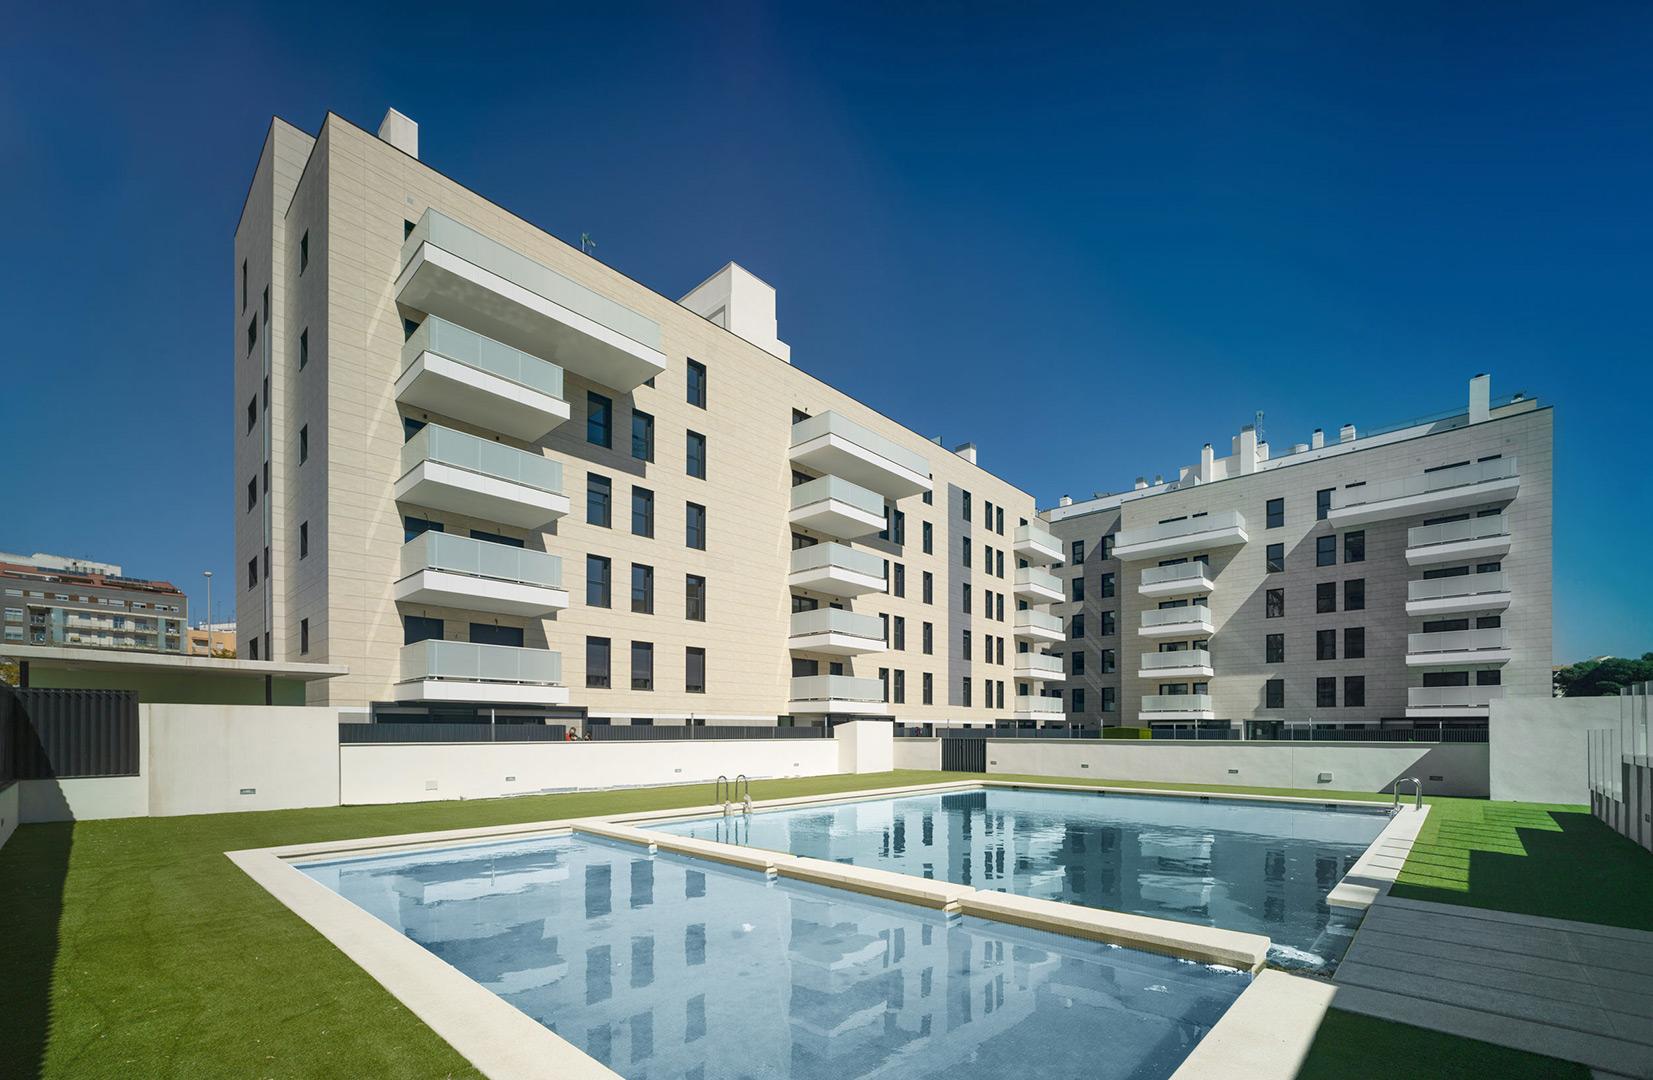 Edificio residencial em Castellón